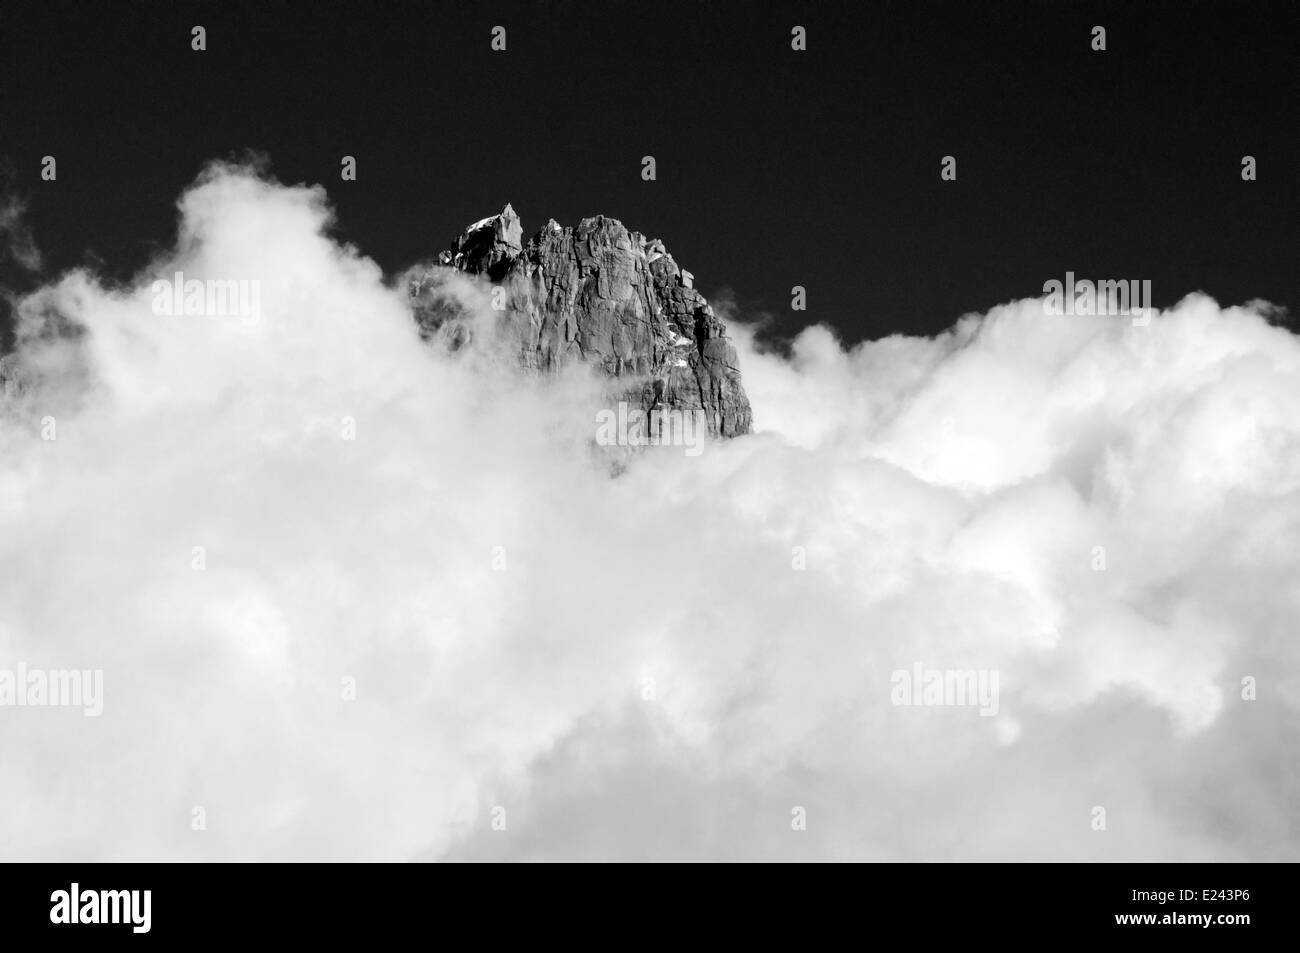 Ein Berggipfel und Wolken - die Aiguille de Dru in Chamonix, Frankreich Stockfoto